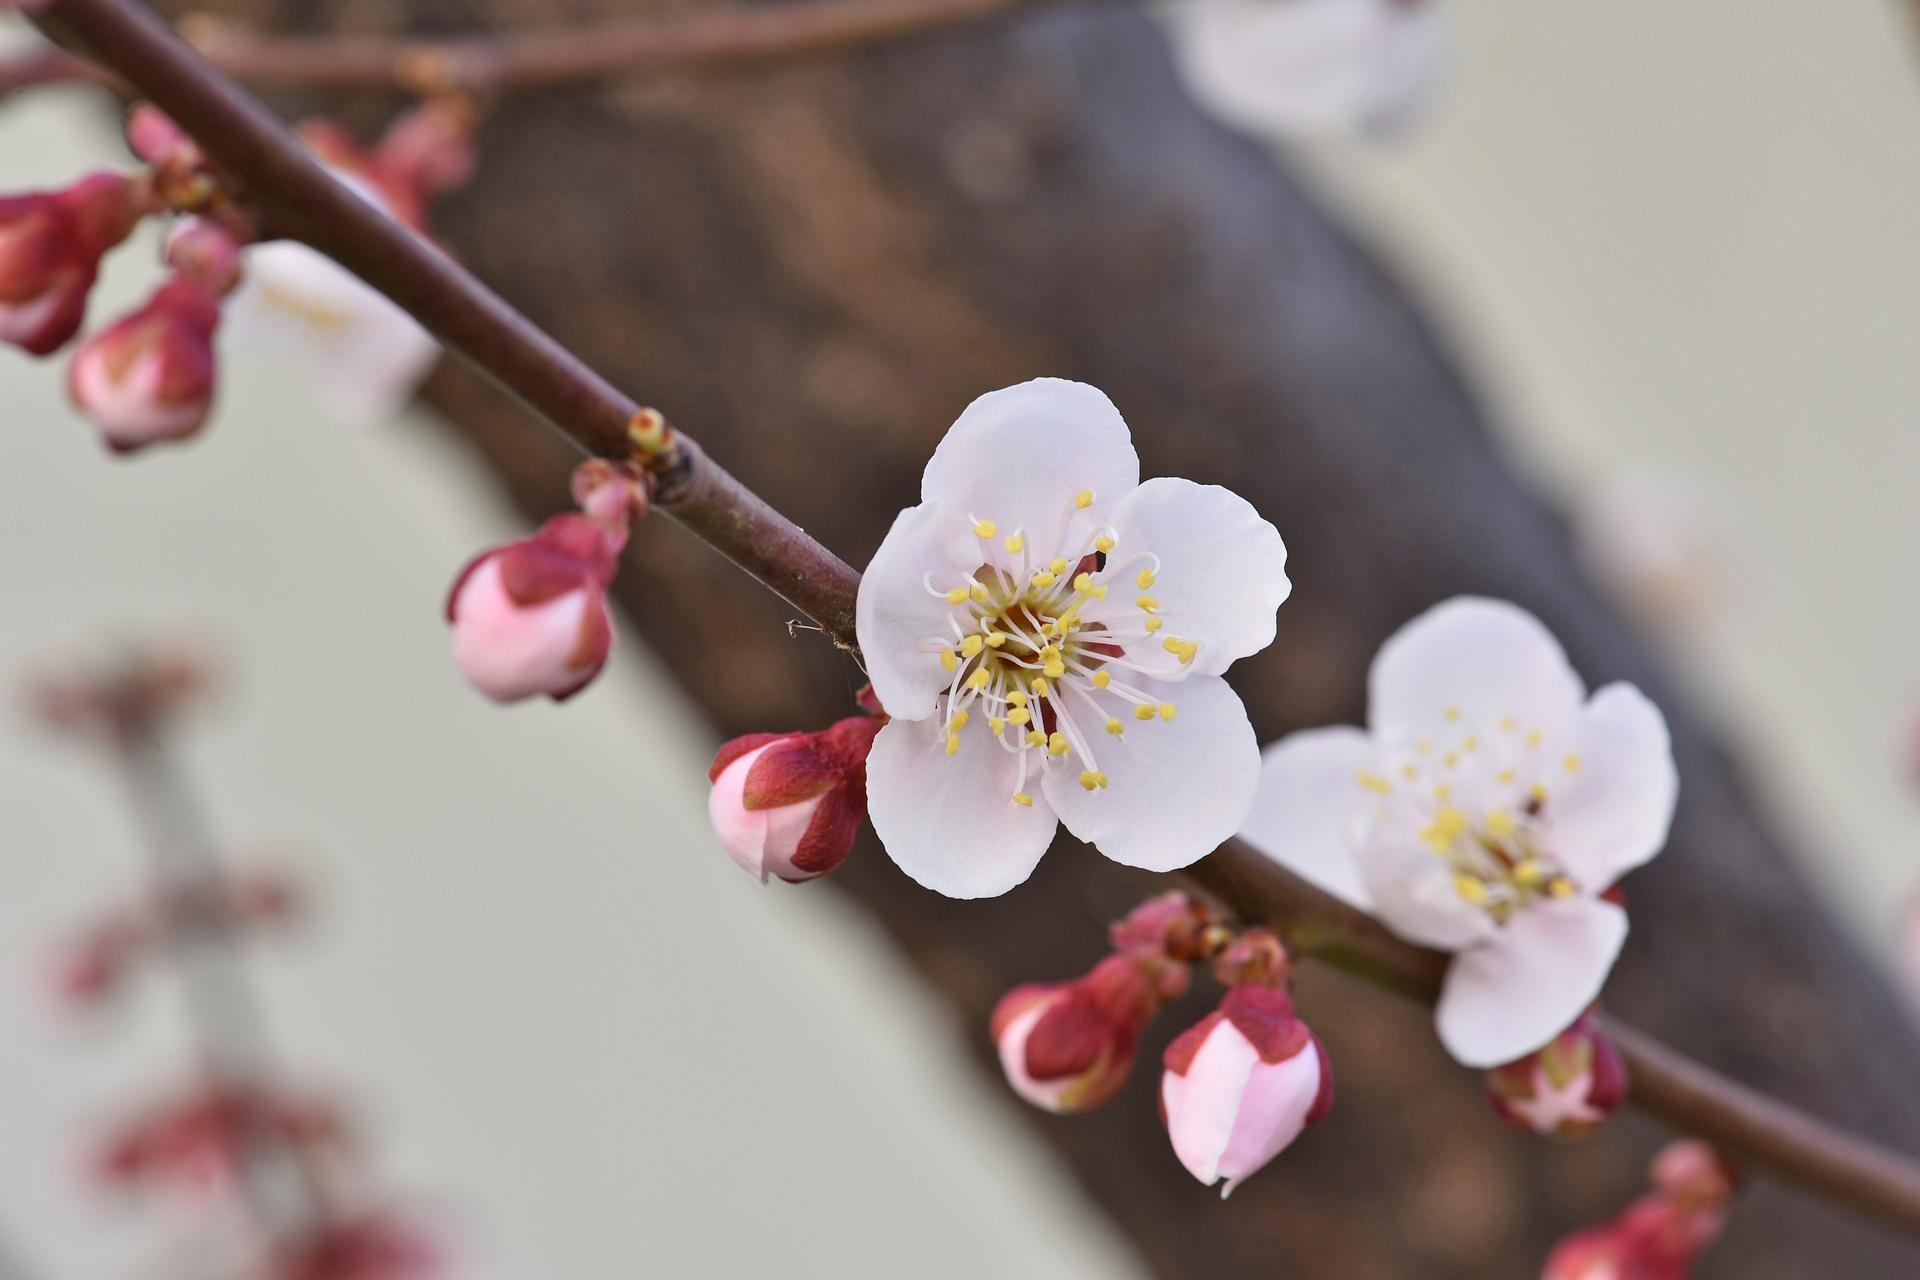 寒さが続く季節を彩るお花◆梅のご紹介